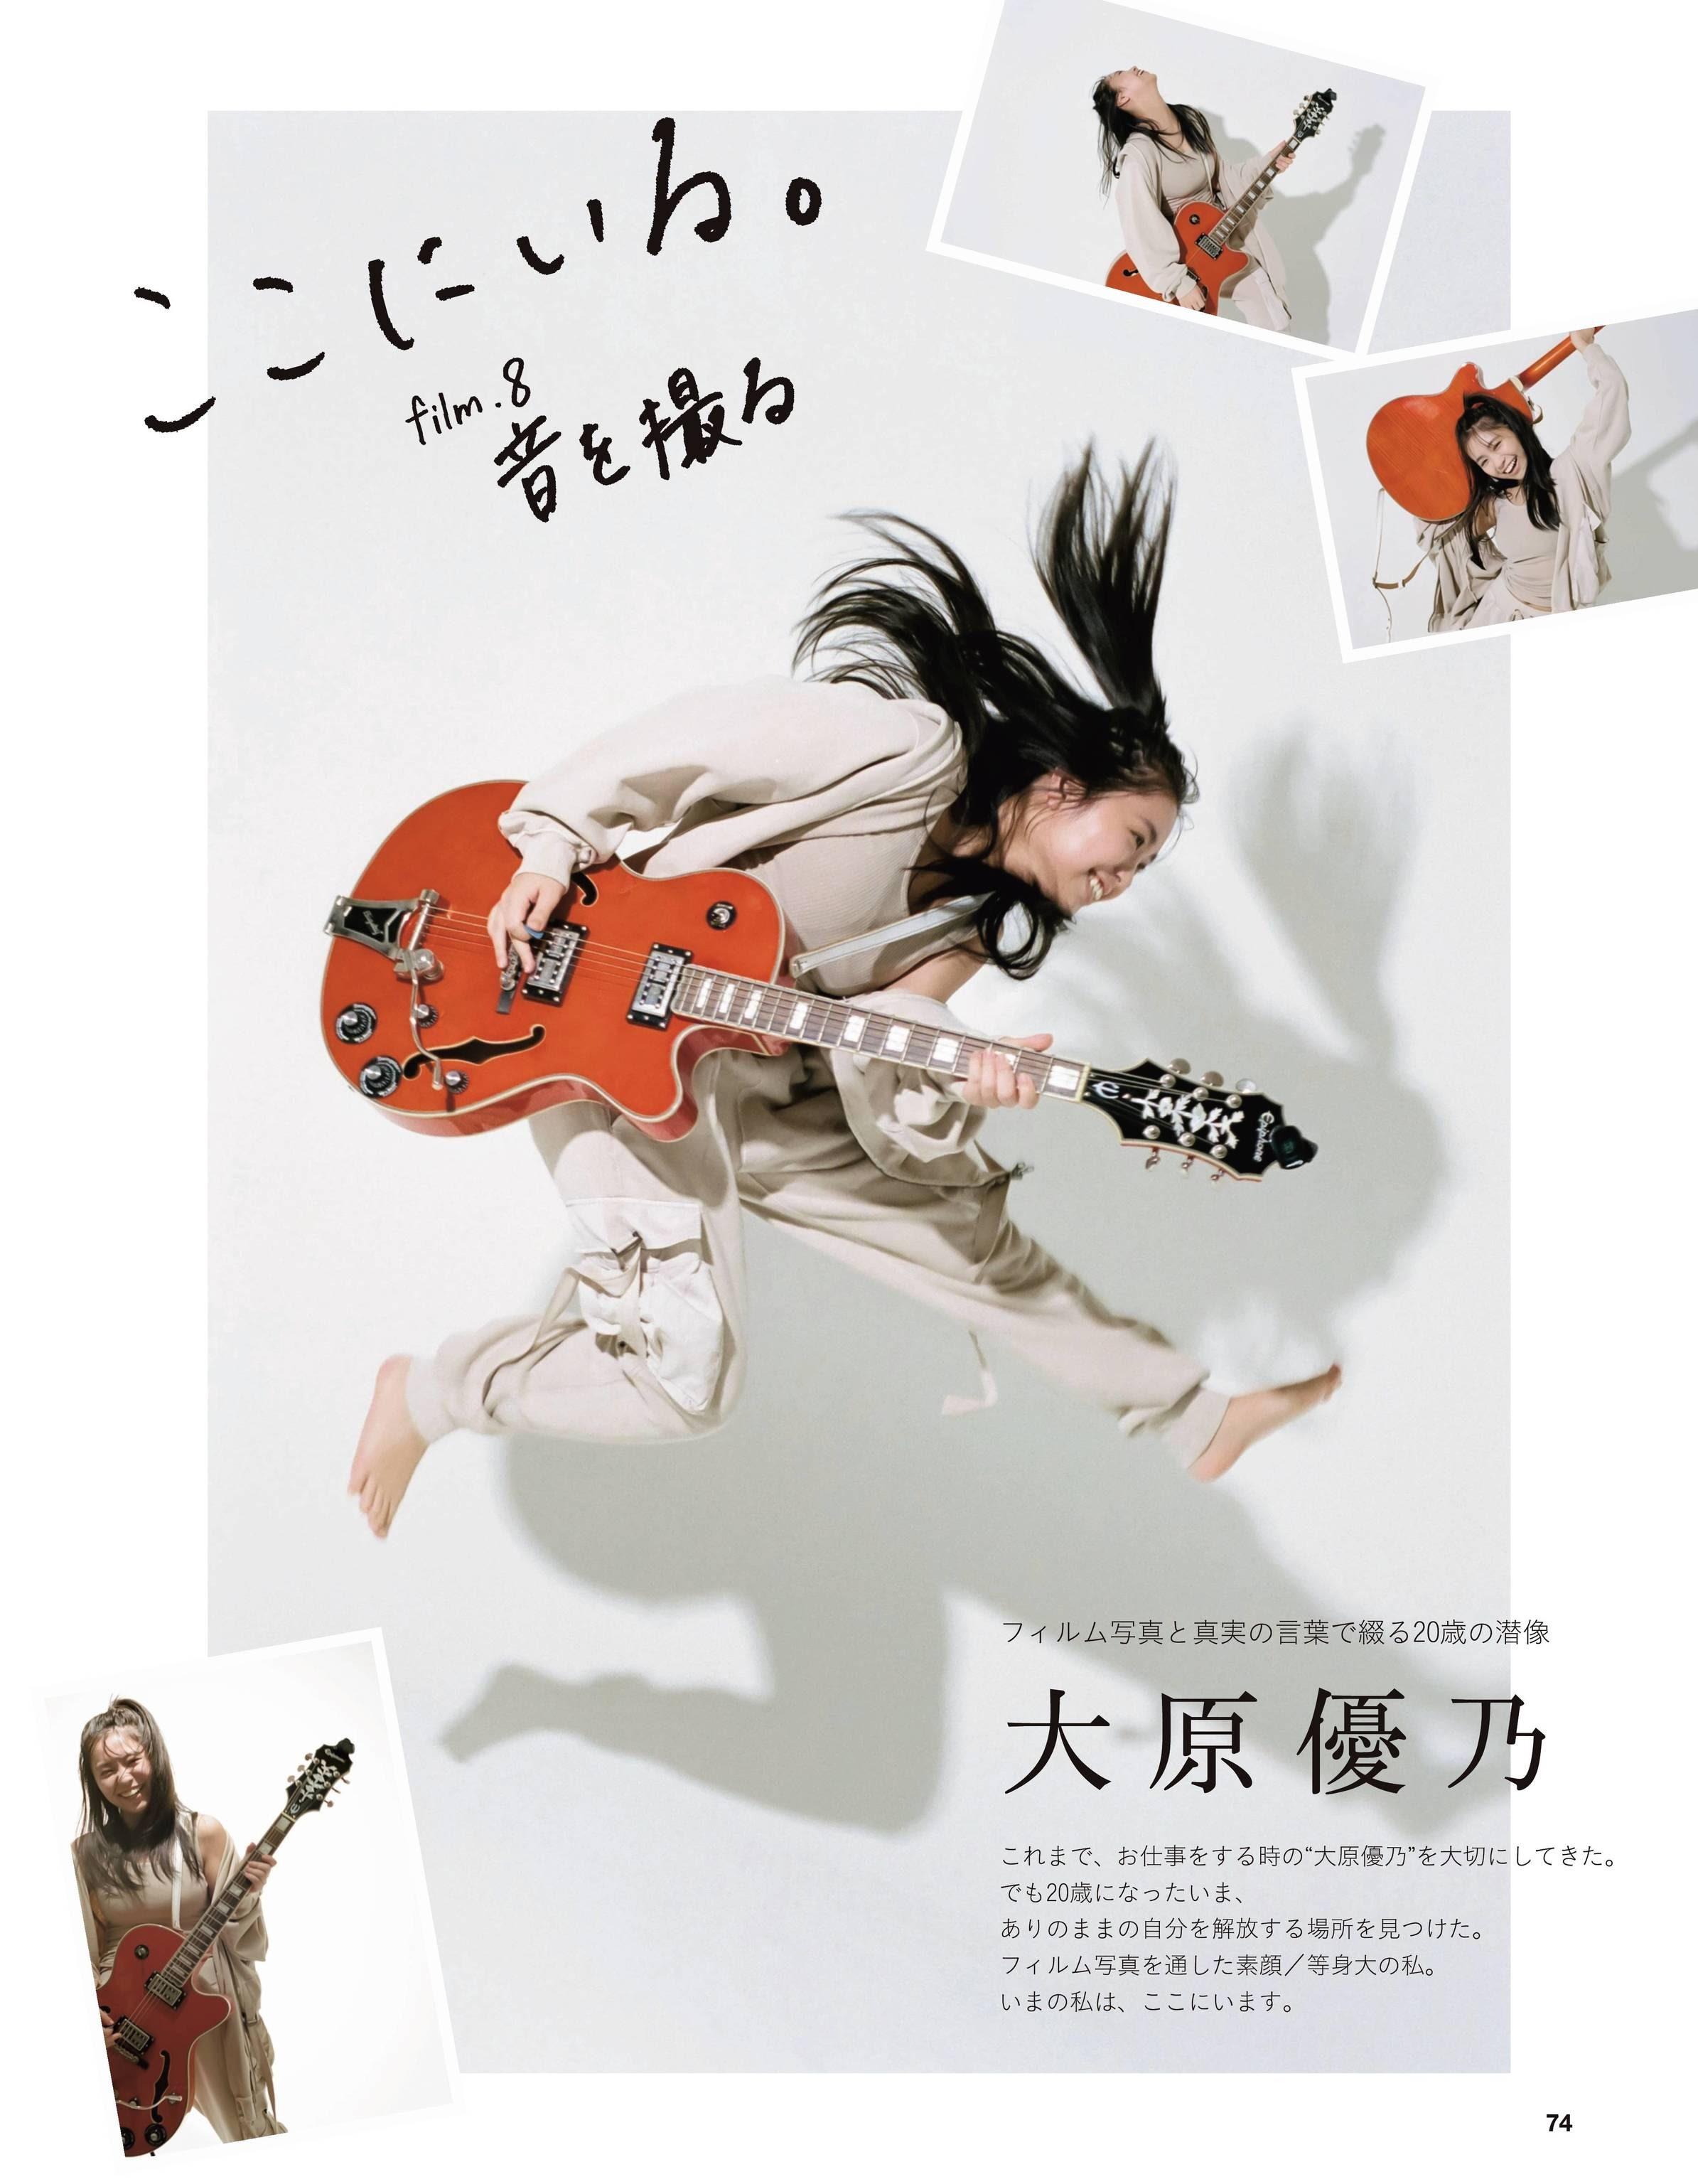 1-Yuno-Ohara-001